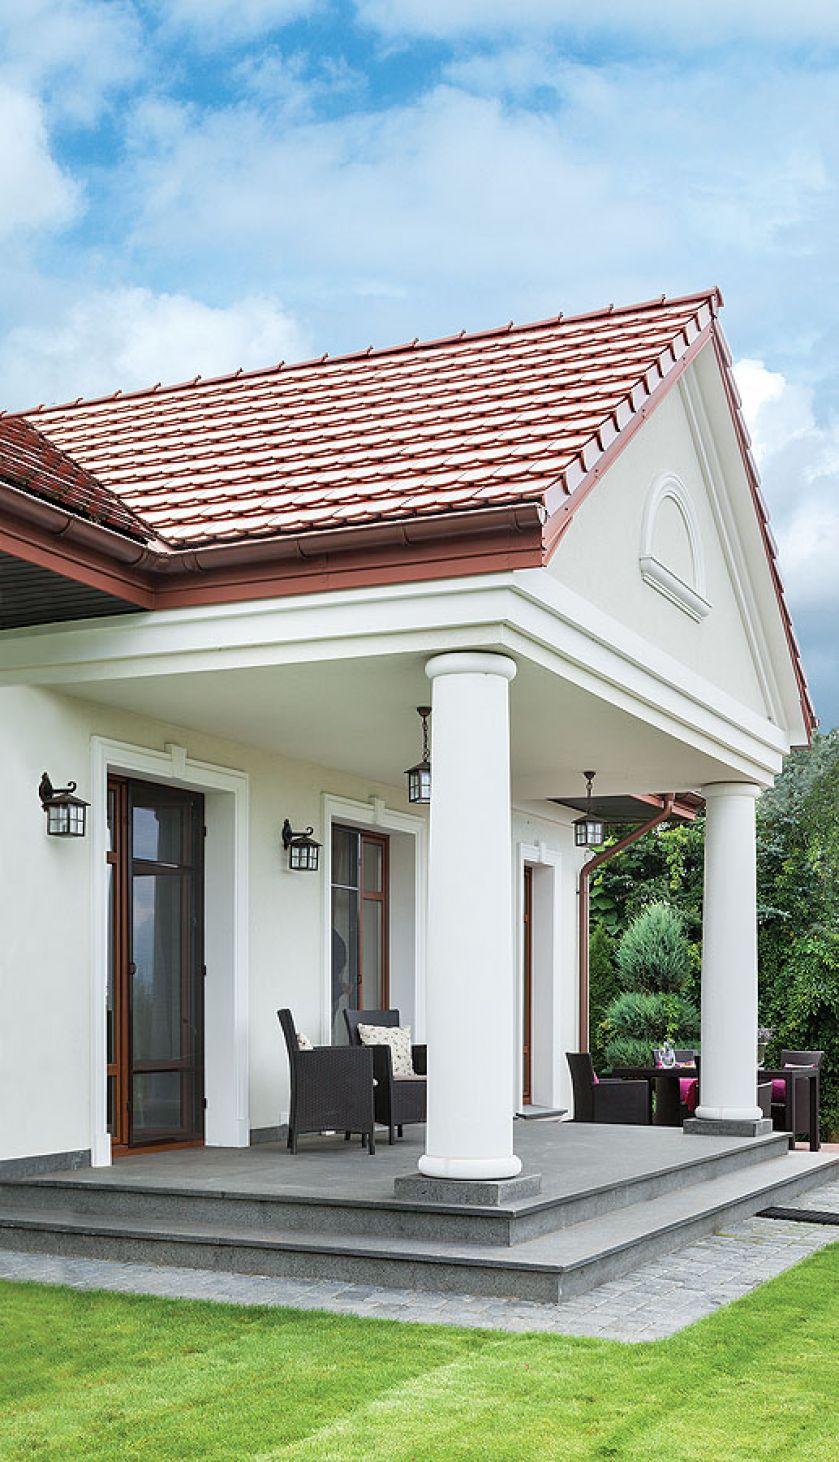 Elegancko urządzony dom z trzema tarasami. Górny kawowo-obiadowy, środkowy do leżakowania, a dolny do piknikowania